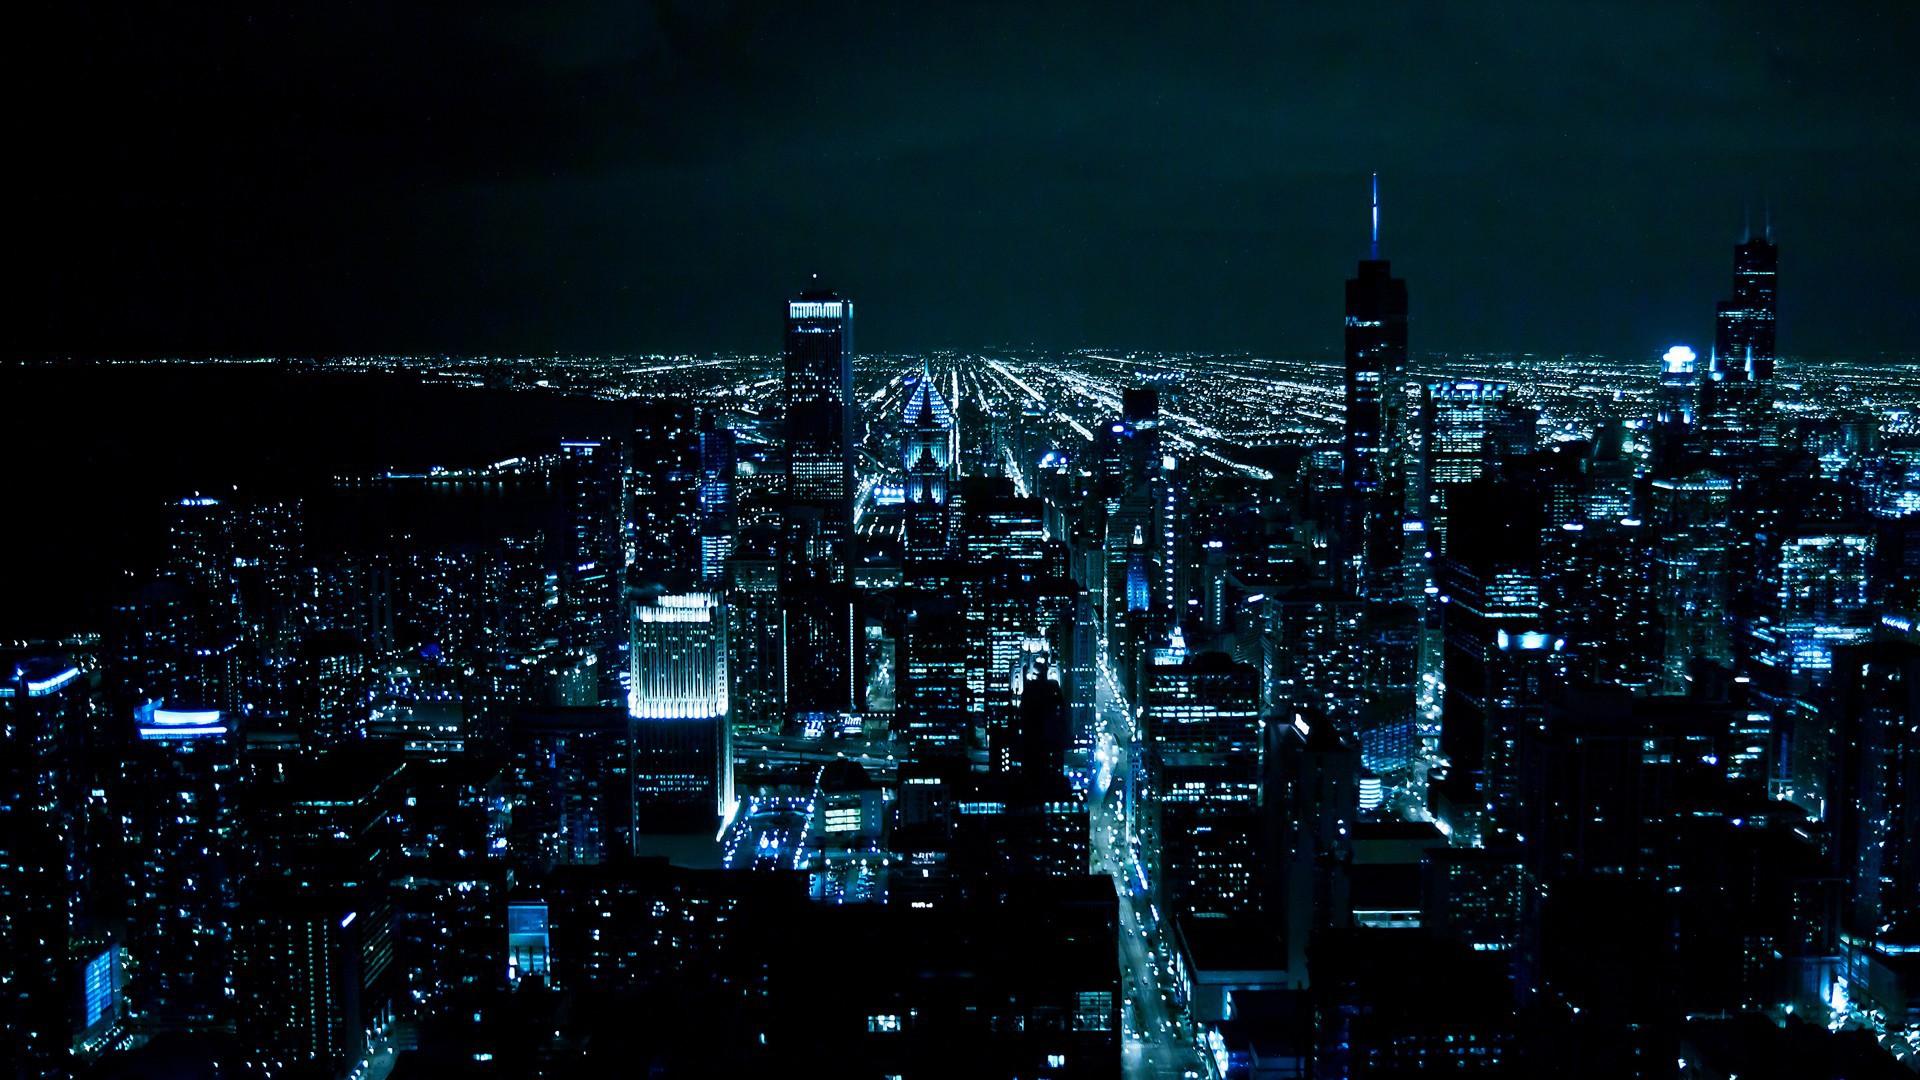 City Night Wallpapers - WallpaperSafari